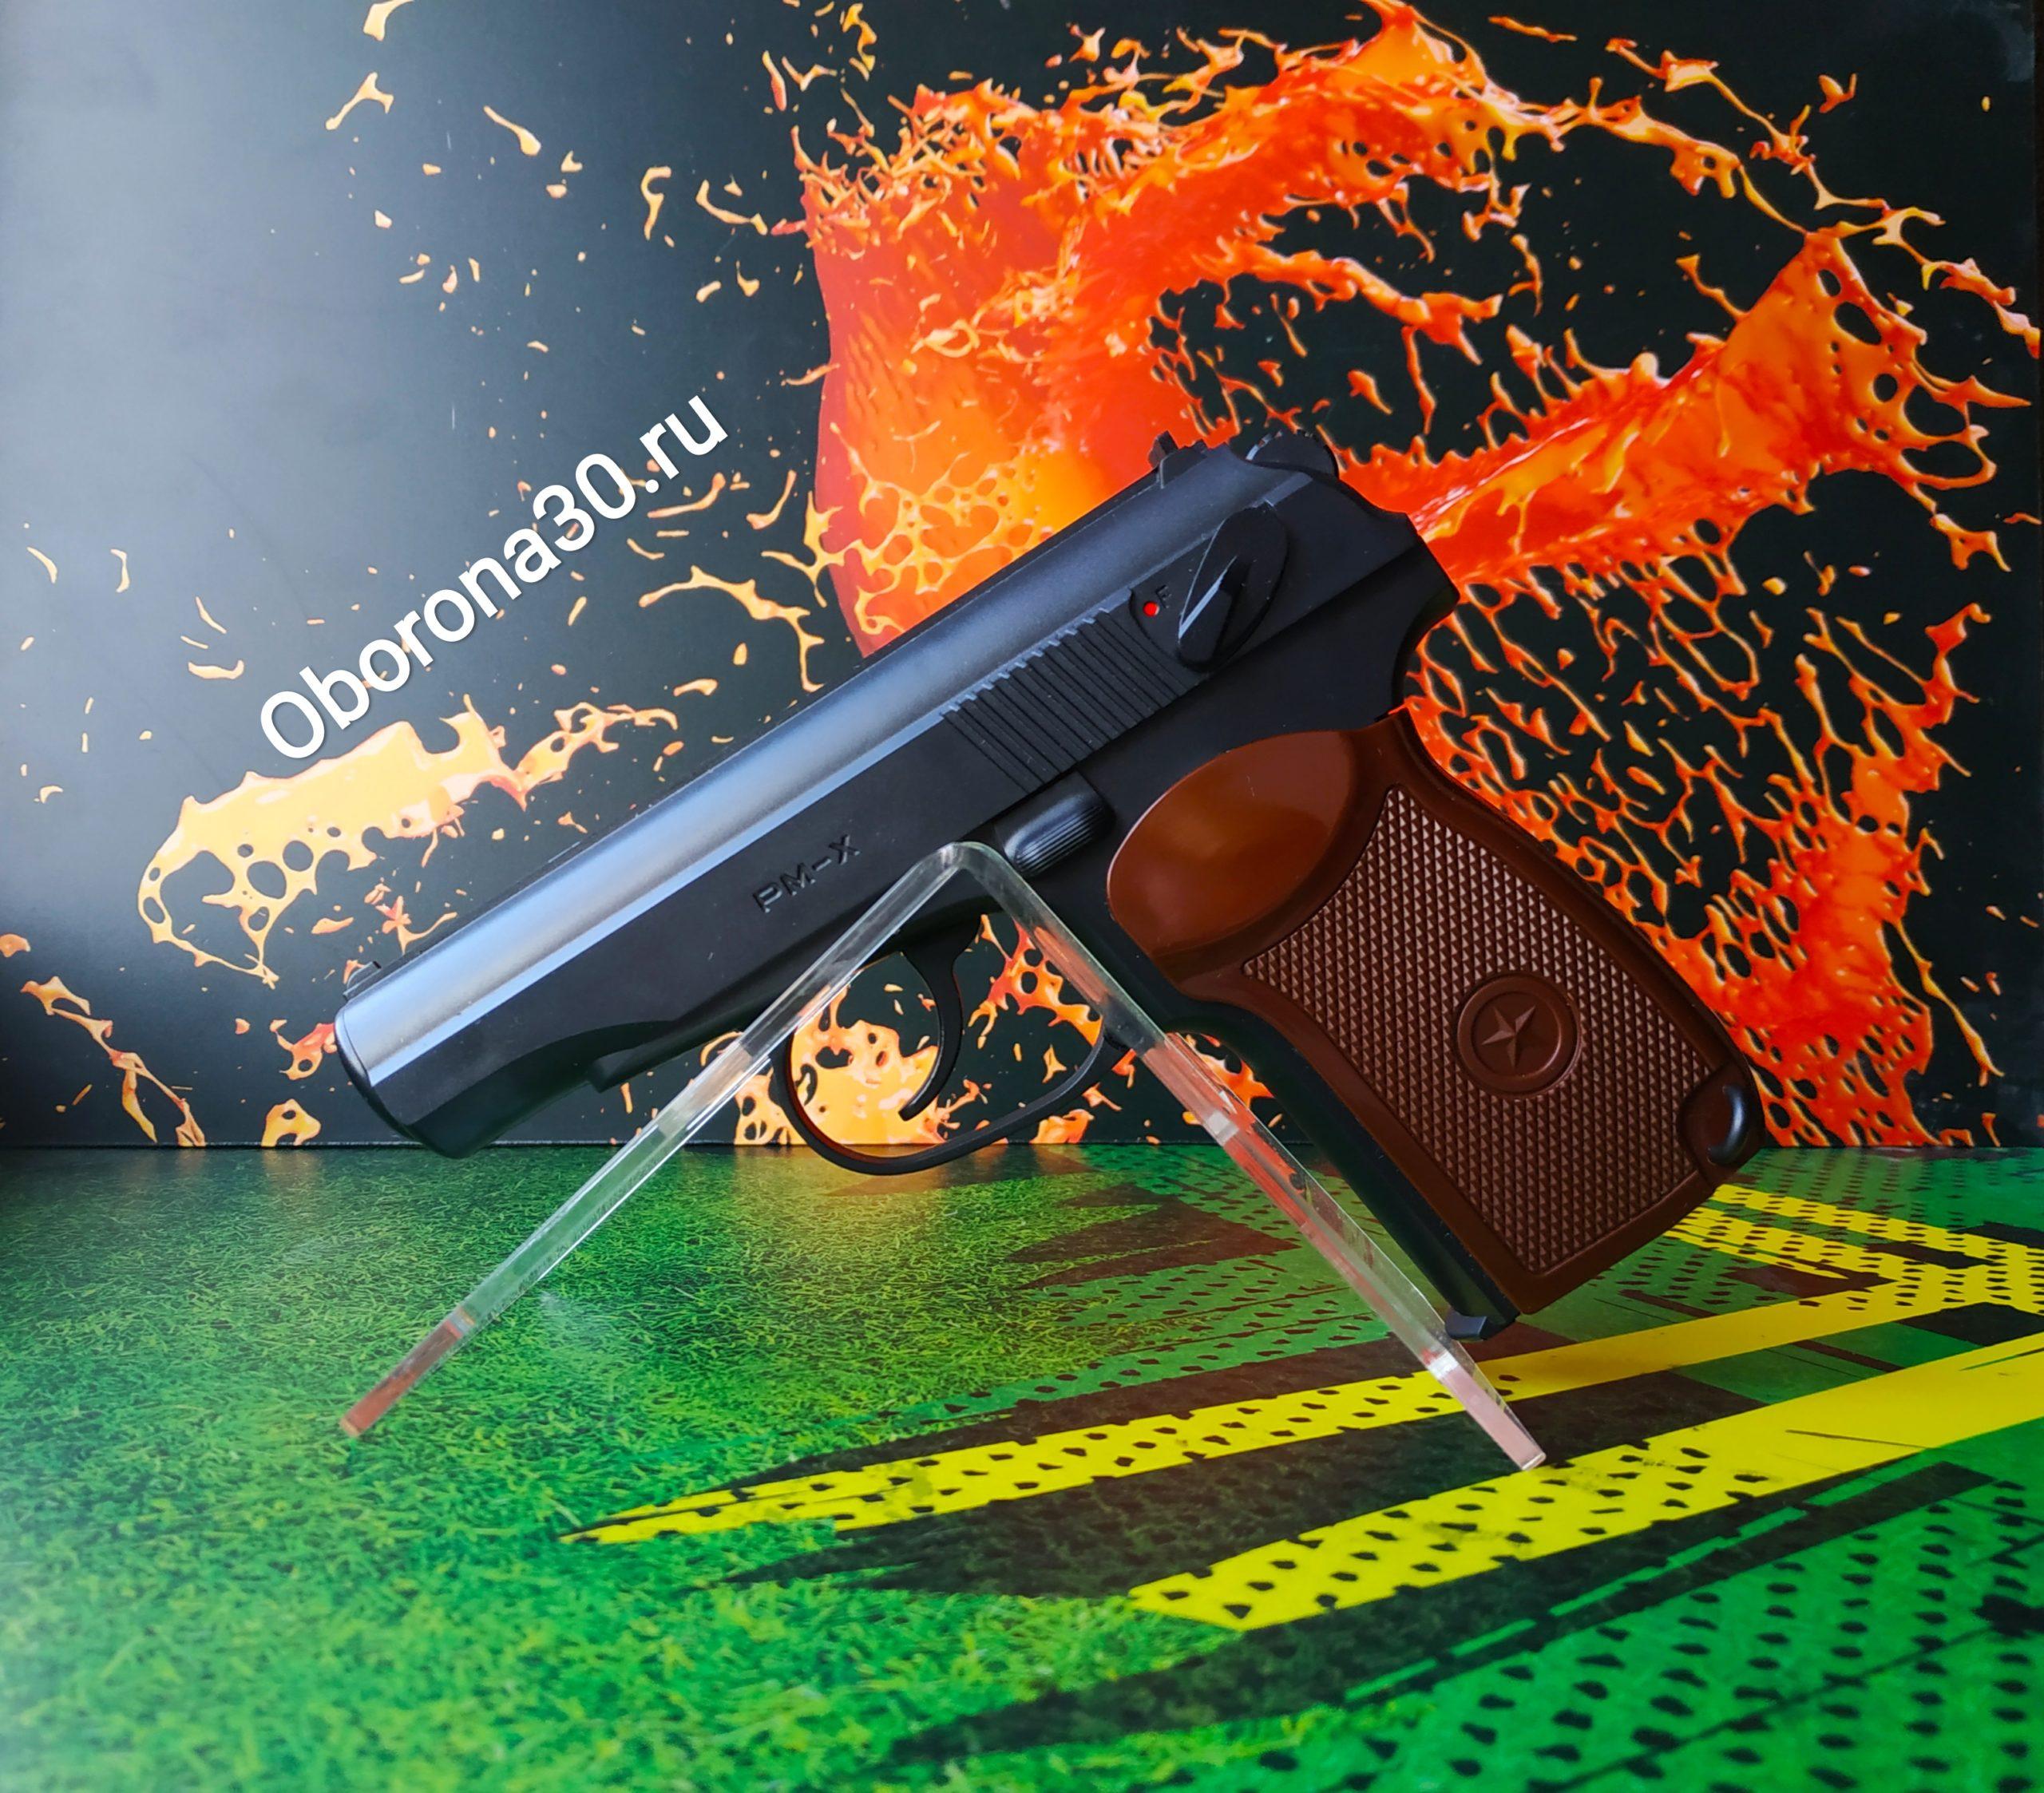 Пневматические Пистолеты Пистолет пневматический, аналог ПМ (PM-X, Borner, США)